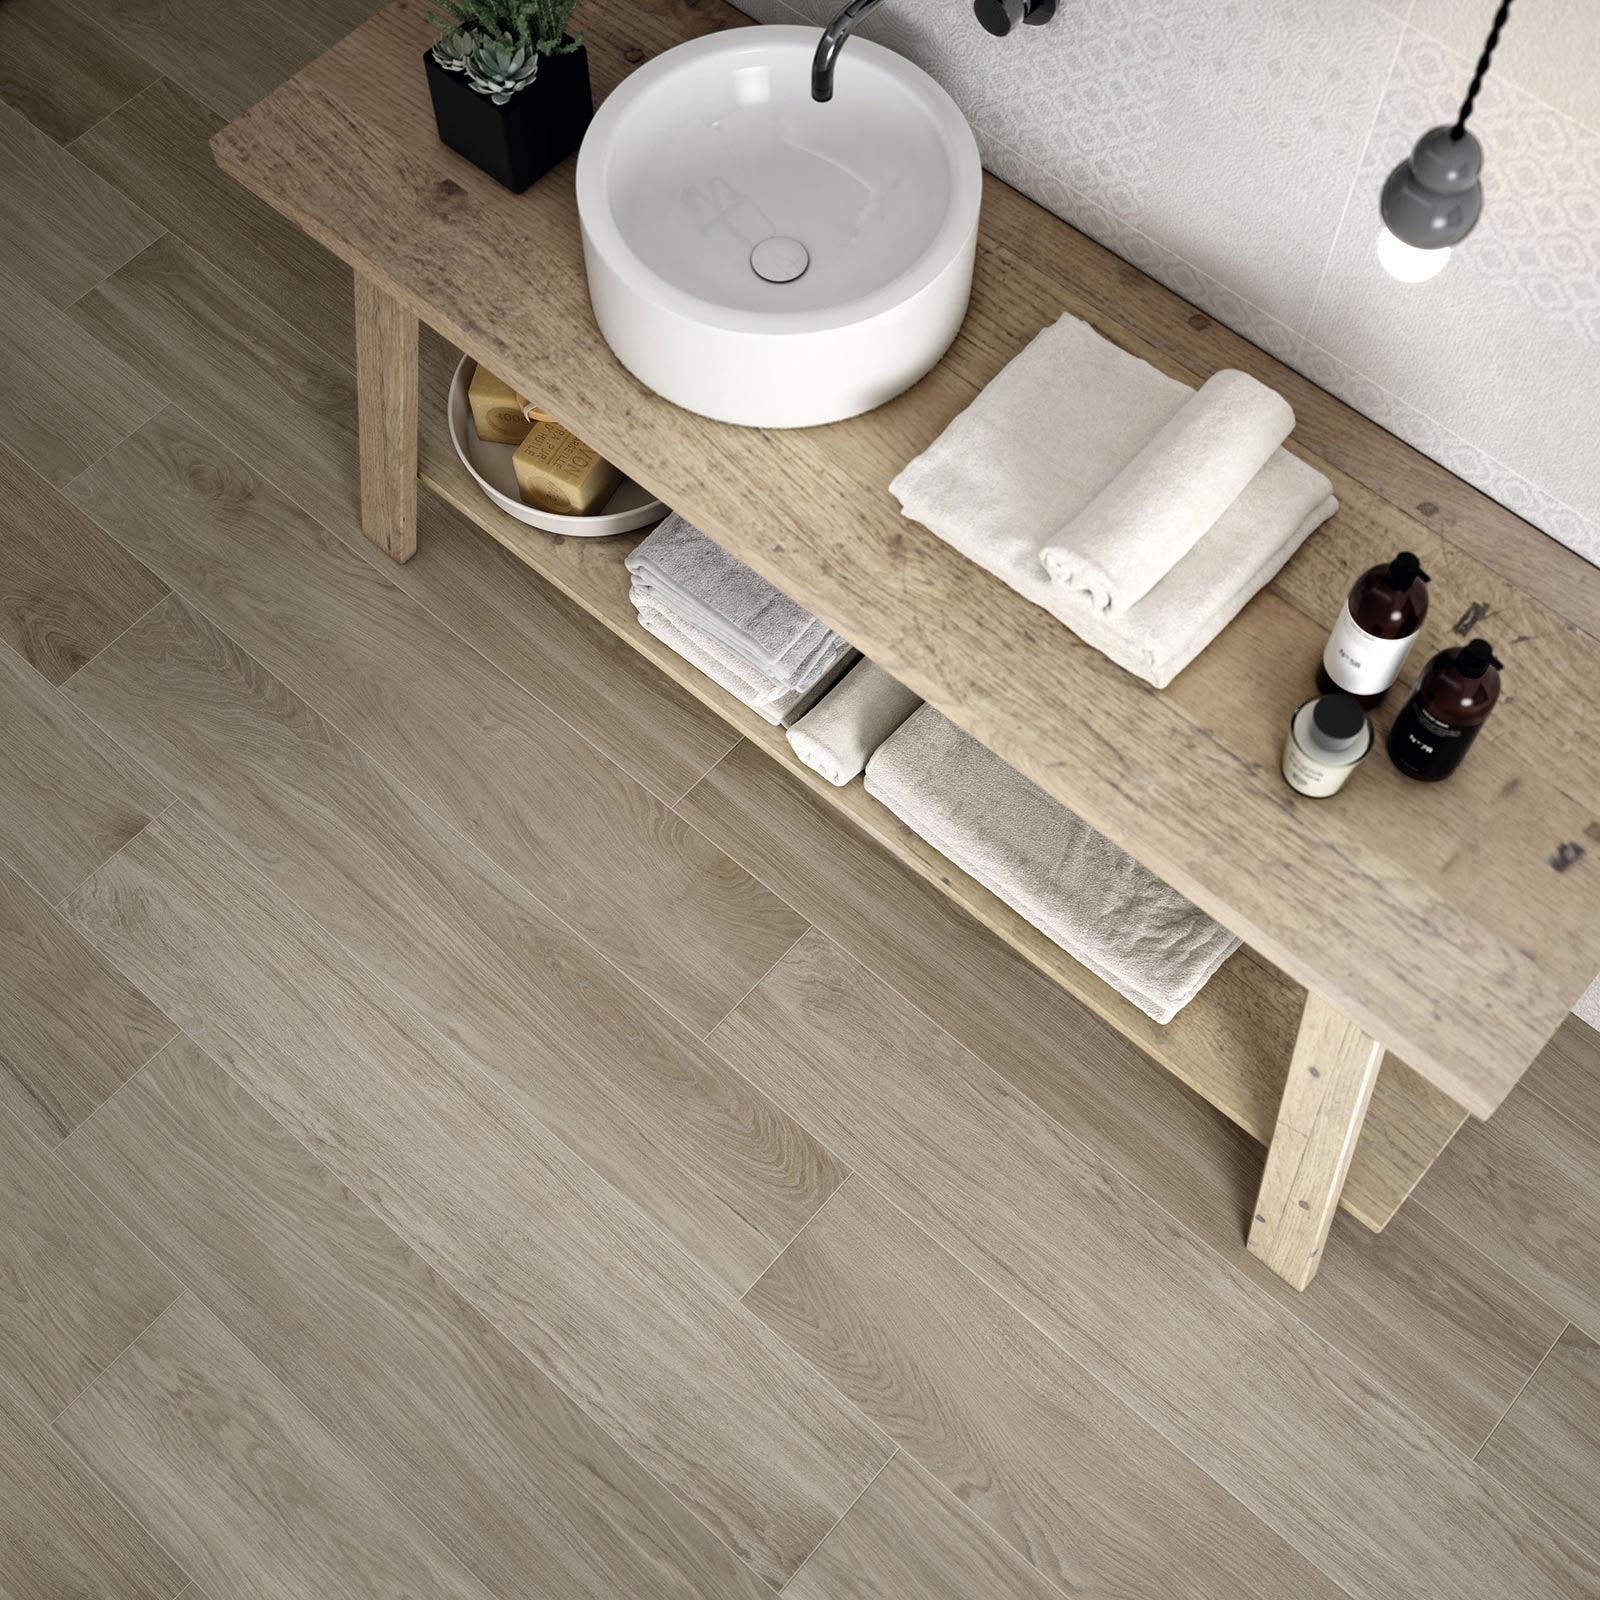 Carrelage imitation bois et parquet marazzi for Parquet adhesif sur carrelage